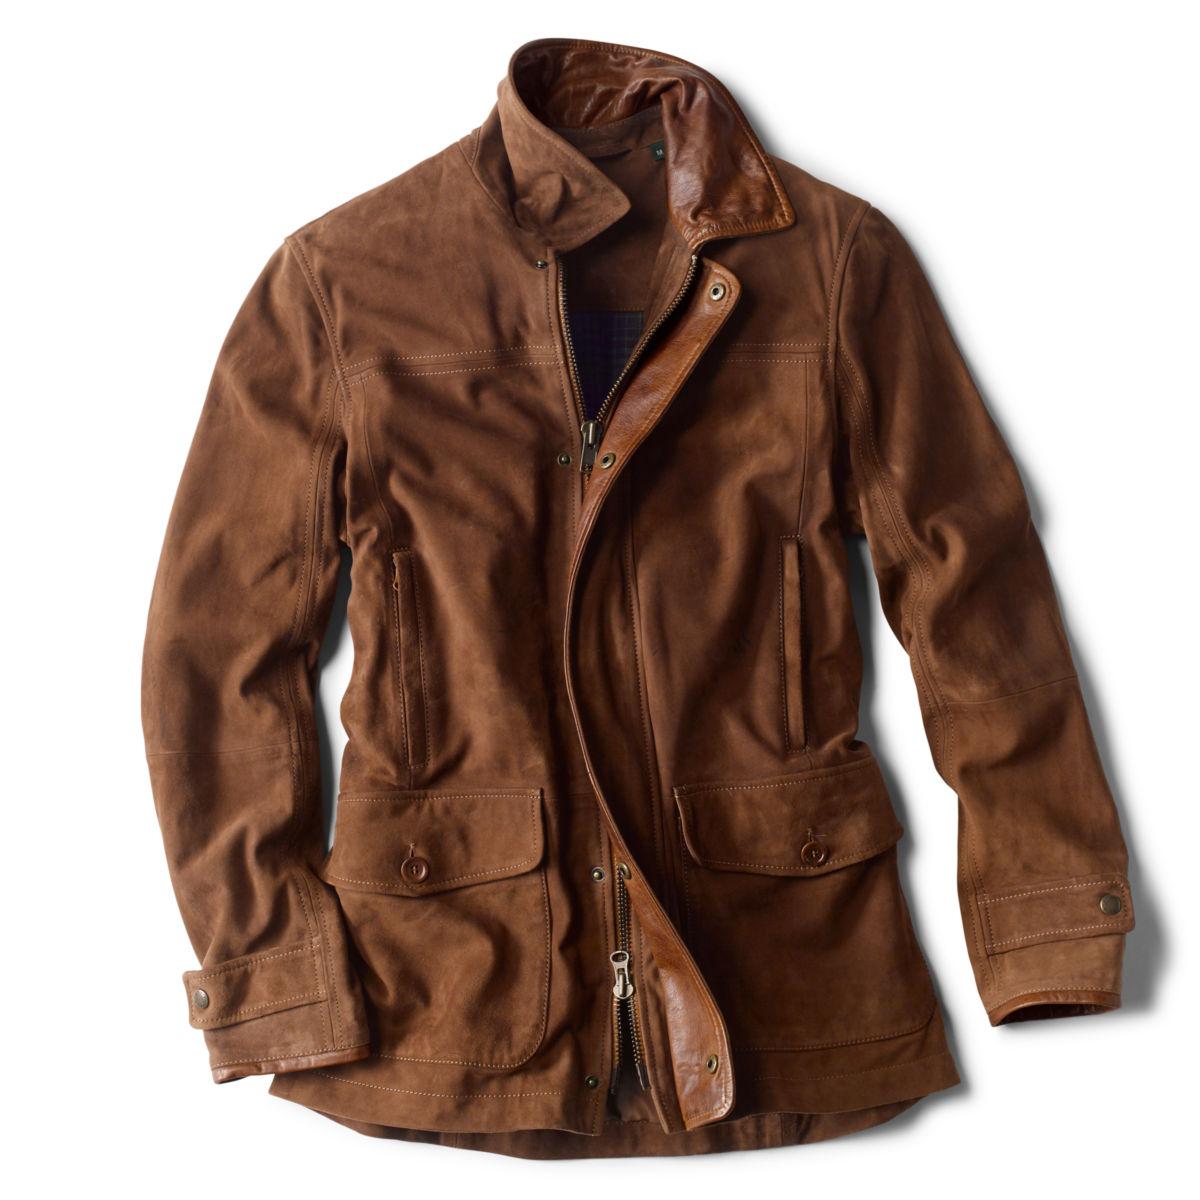 Riverton Leather Jacket - COGNACimage number 0